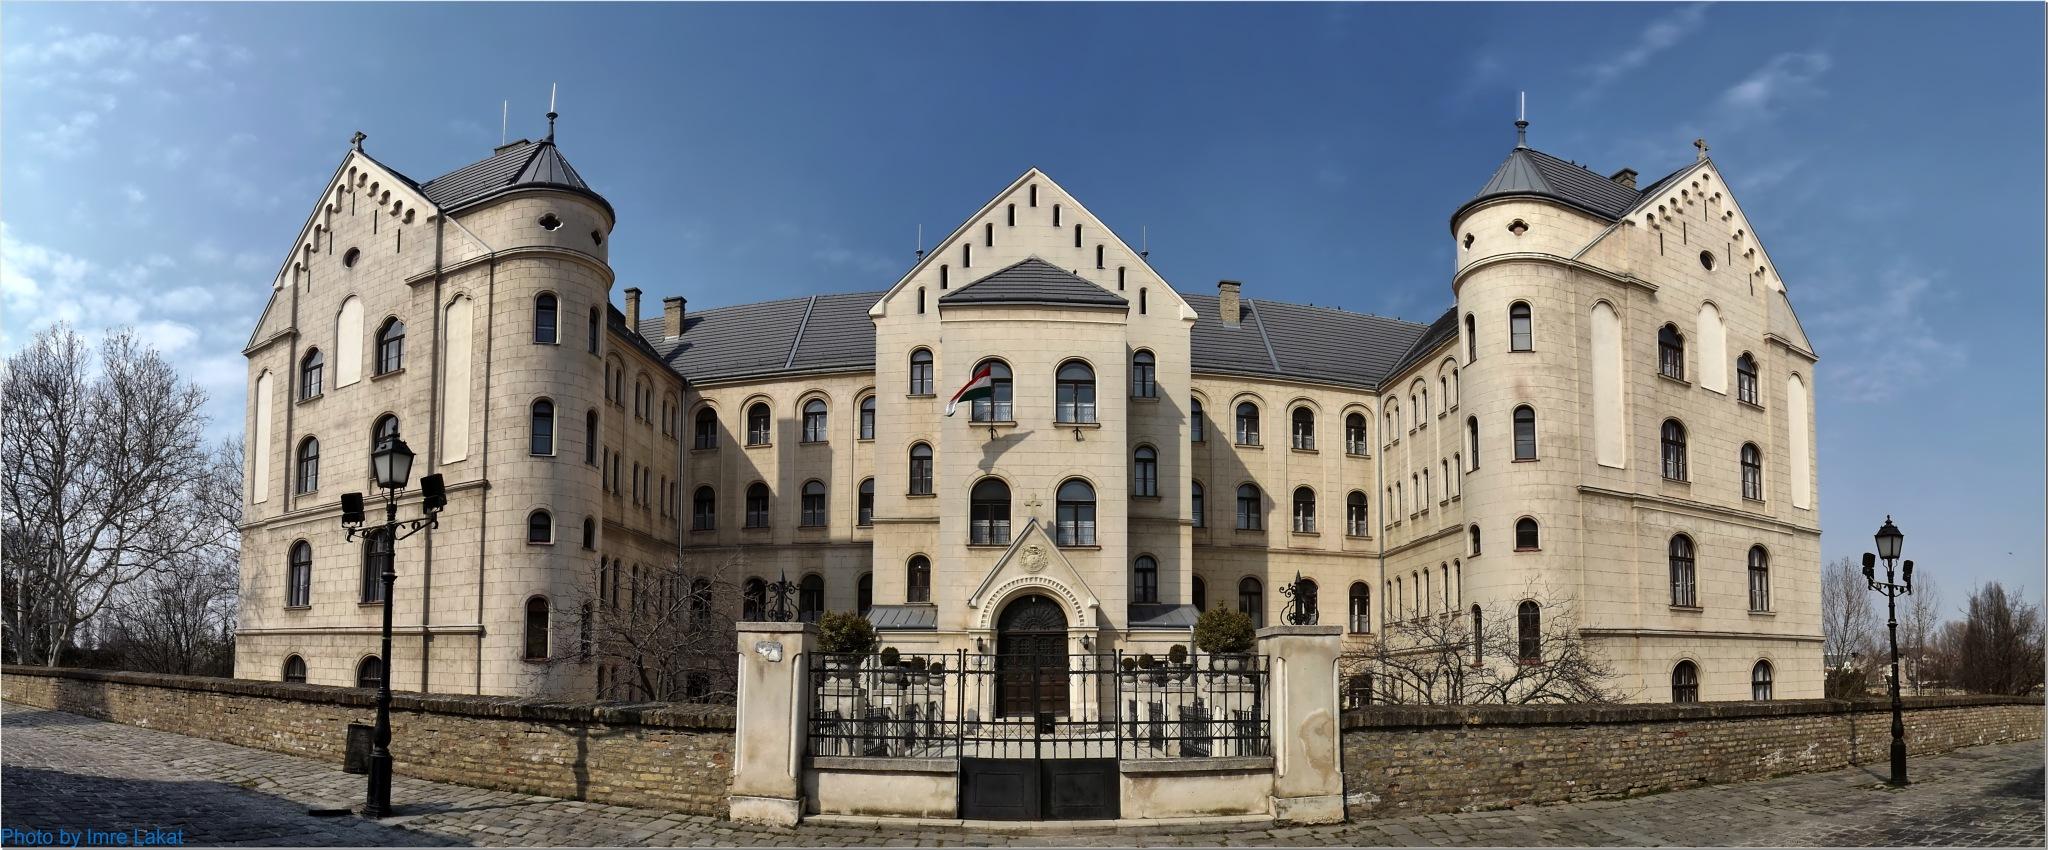 Gyori College of Theology. Győr . Győri Hittudományi Főiskola . Győr by Imre Lakat